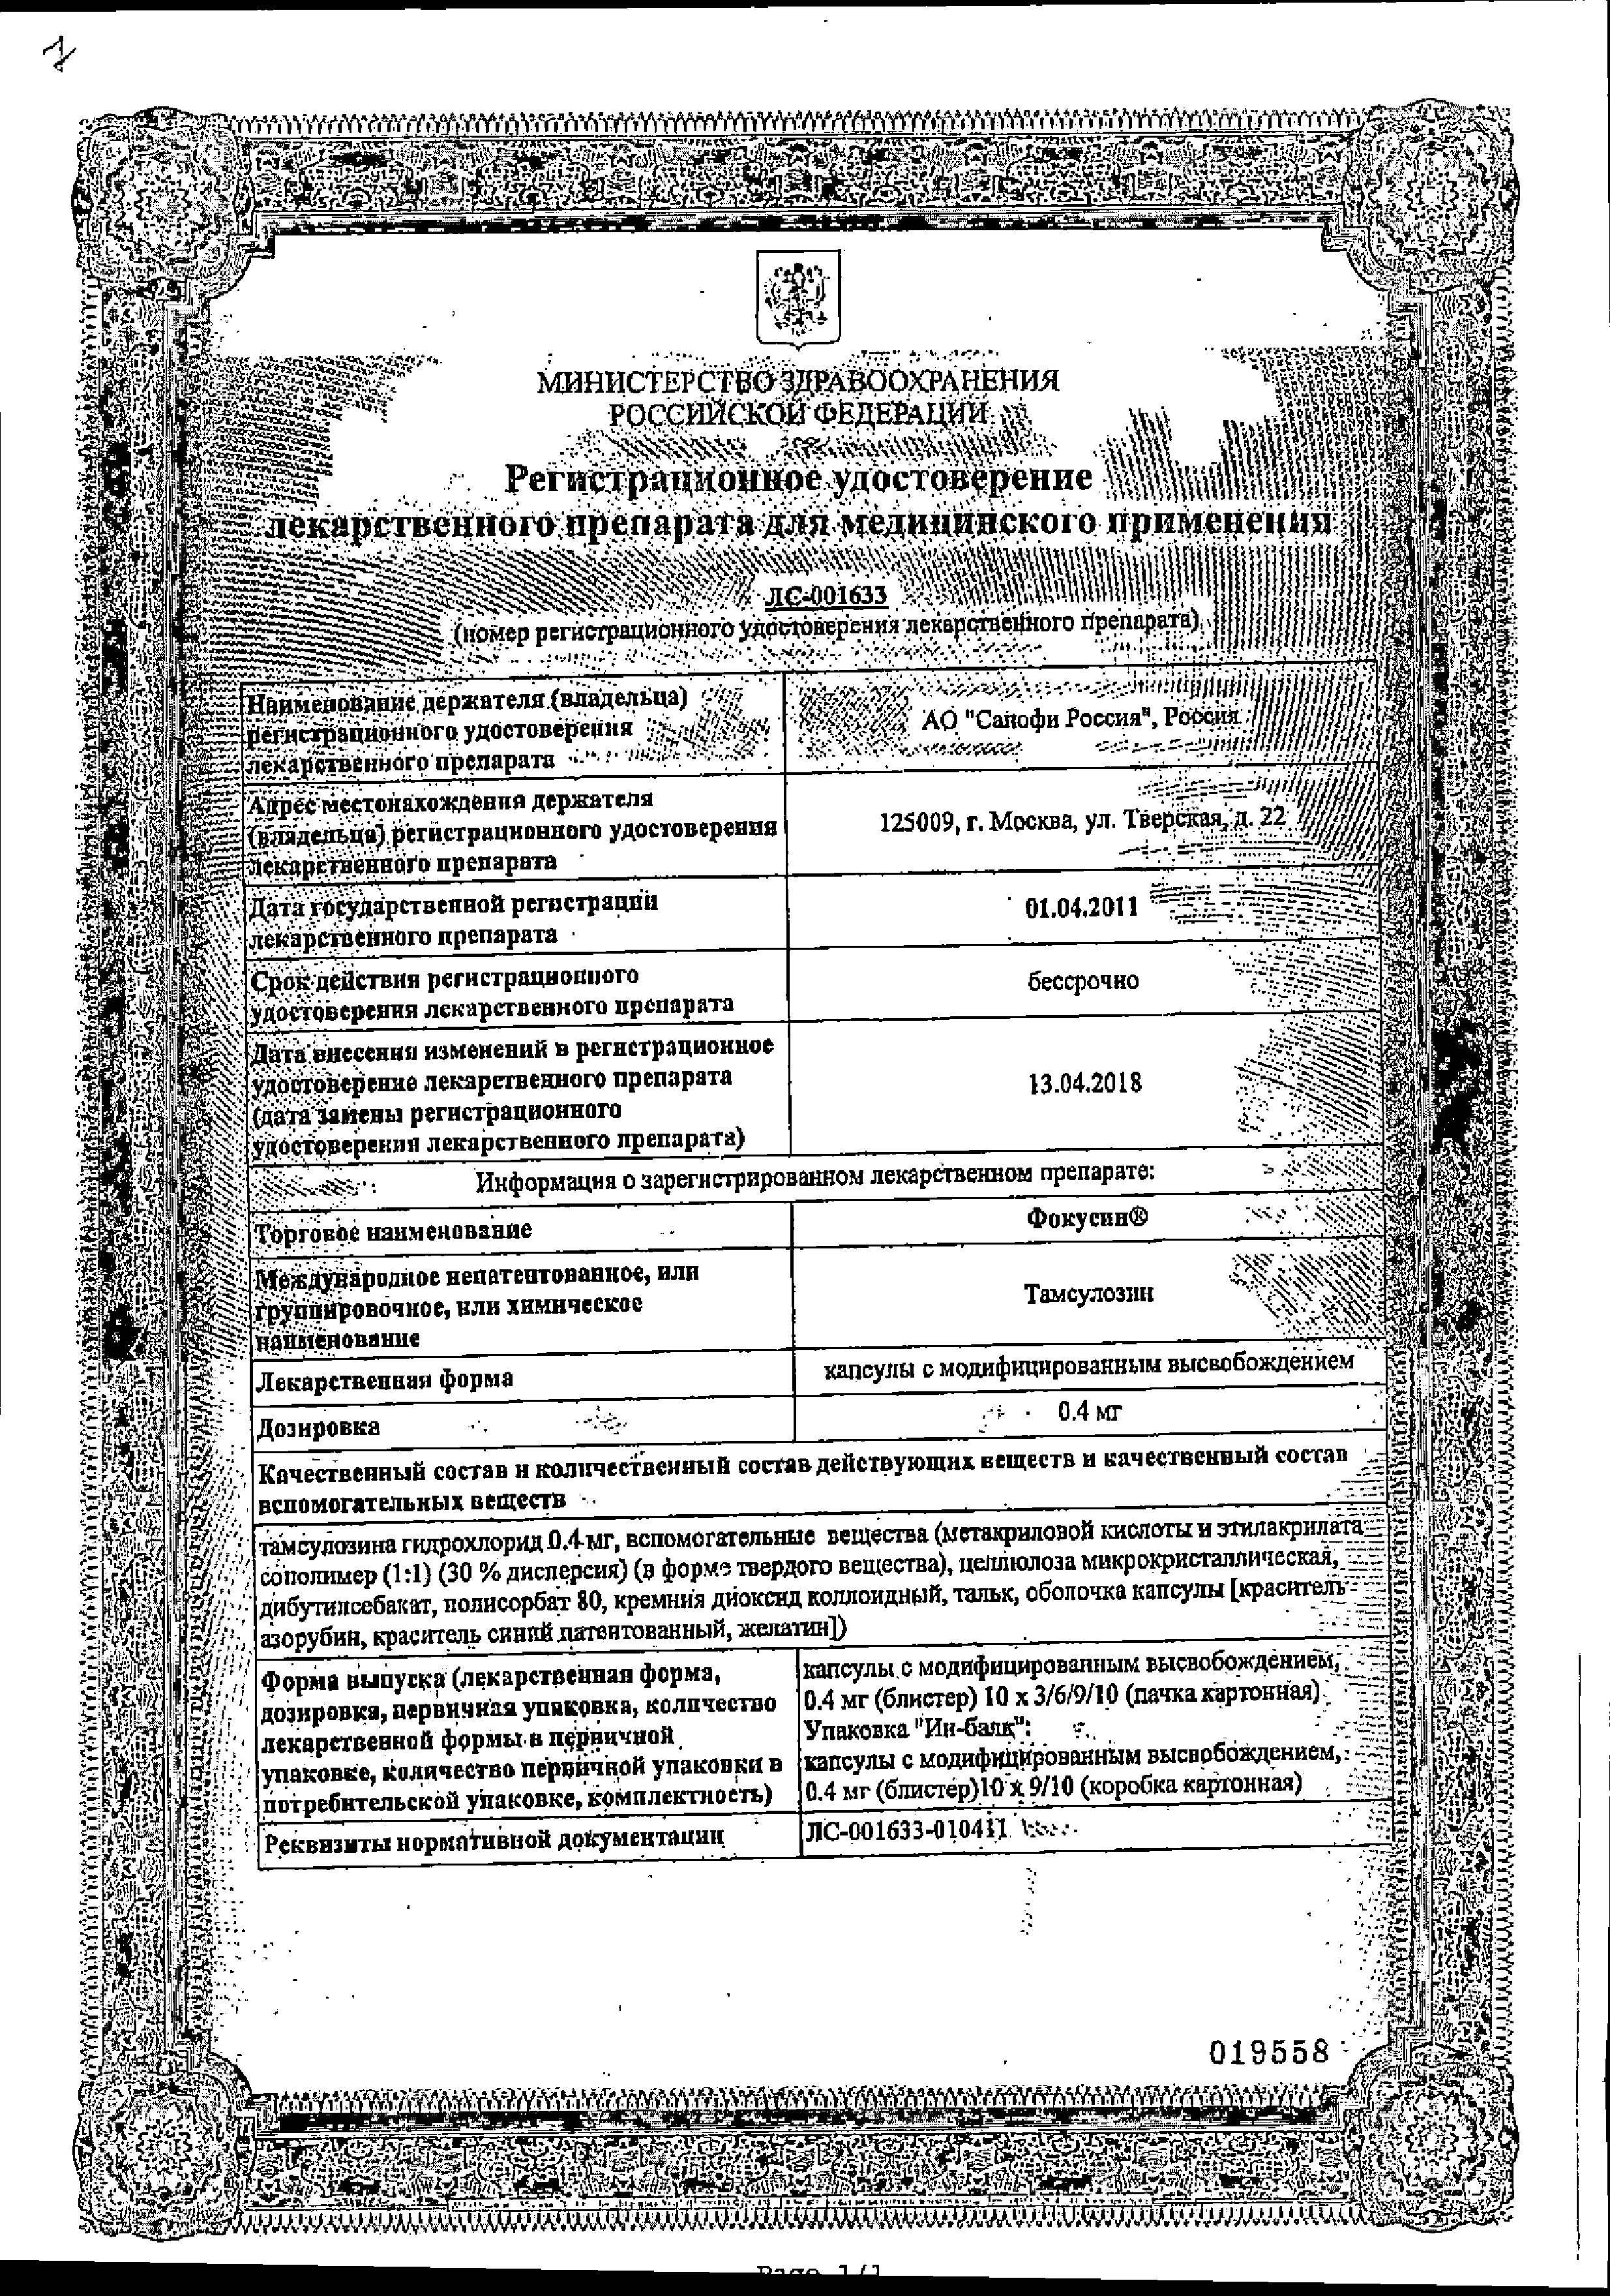 Фокусин сертификат